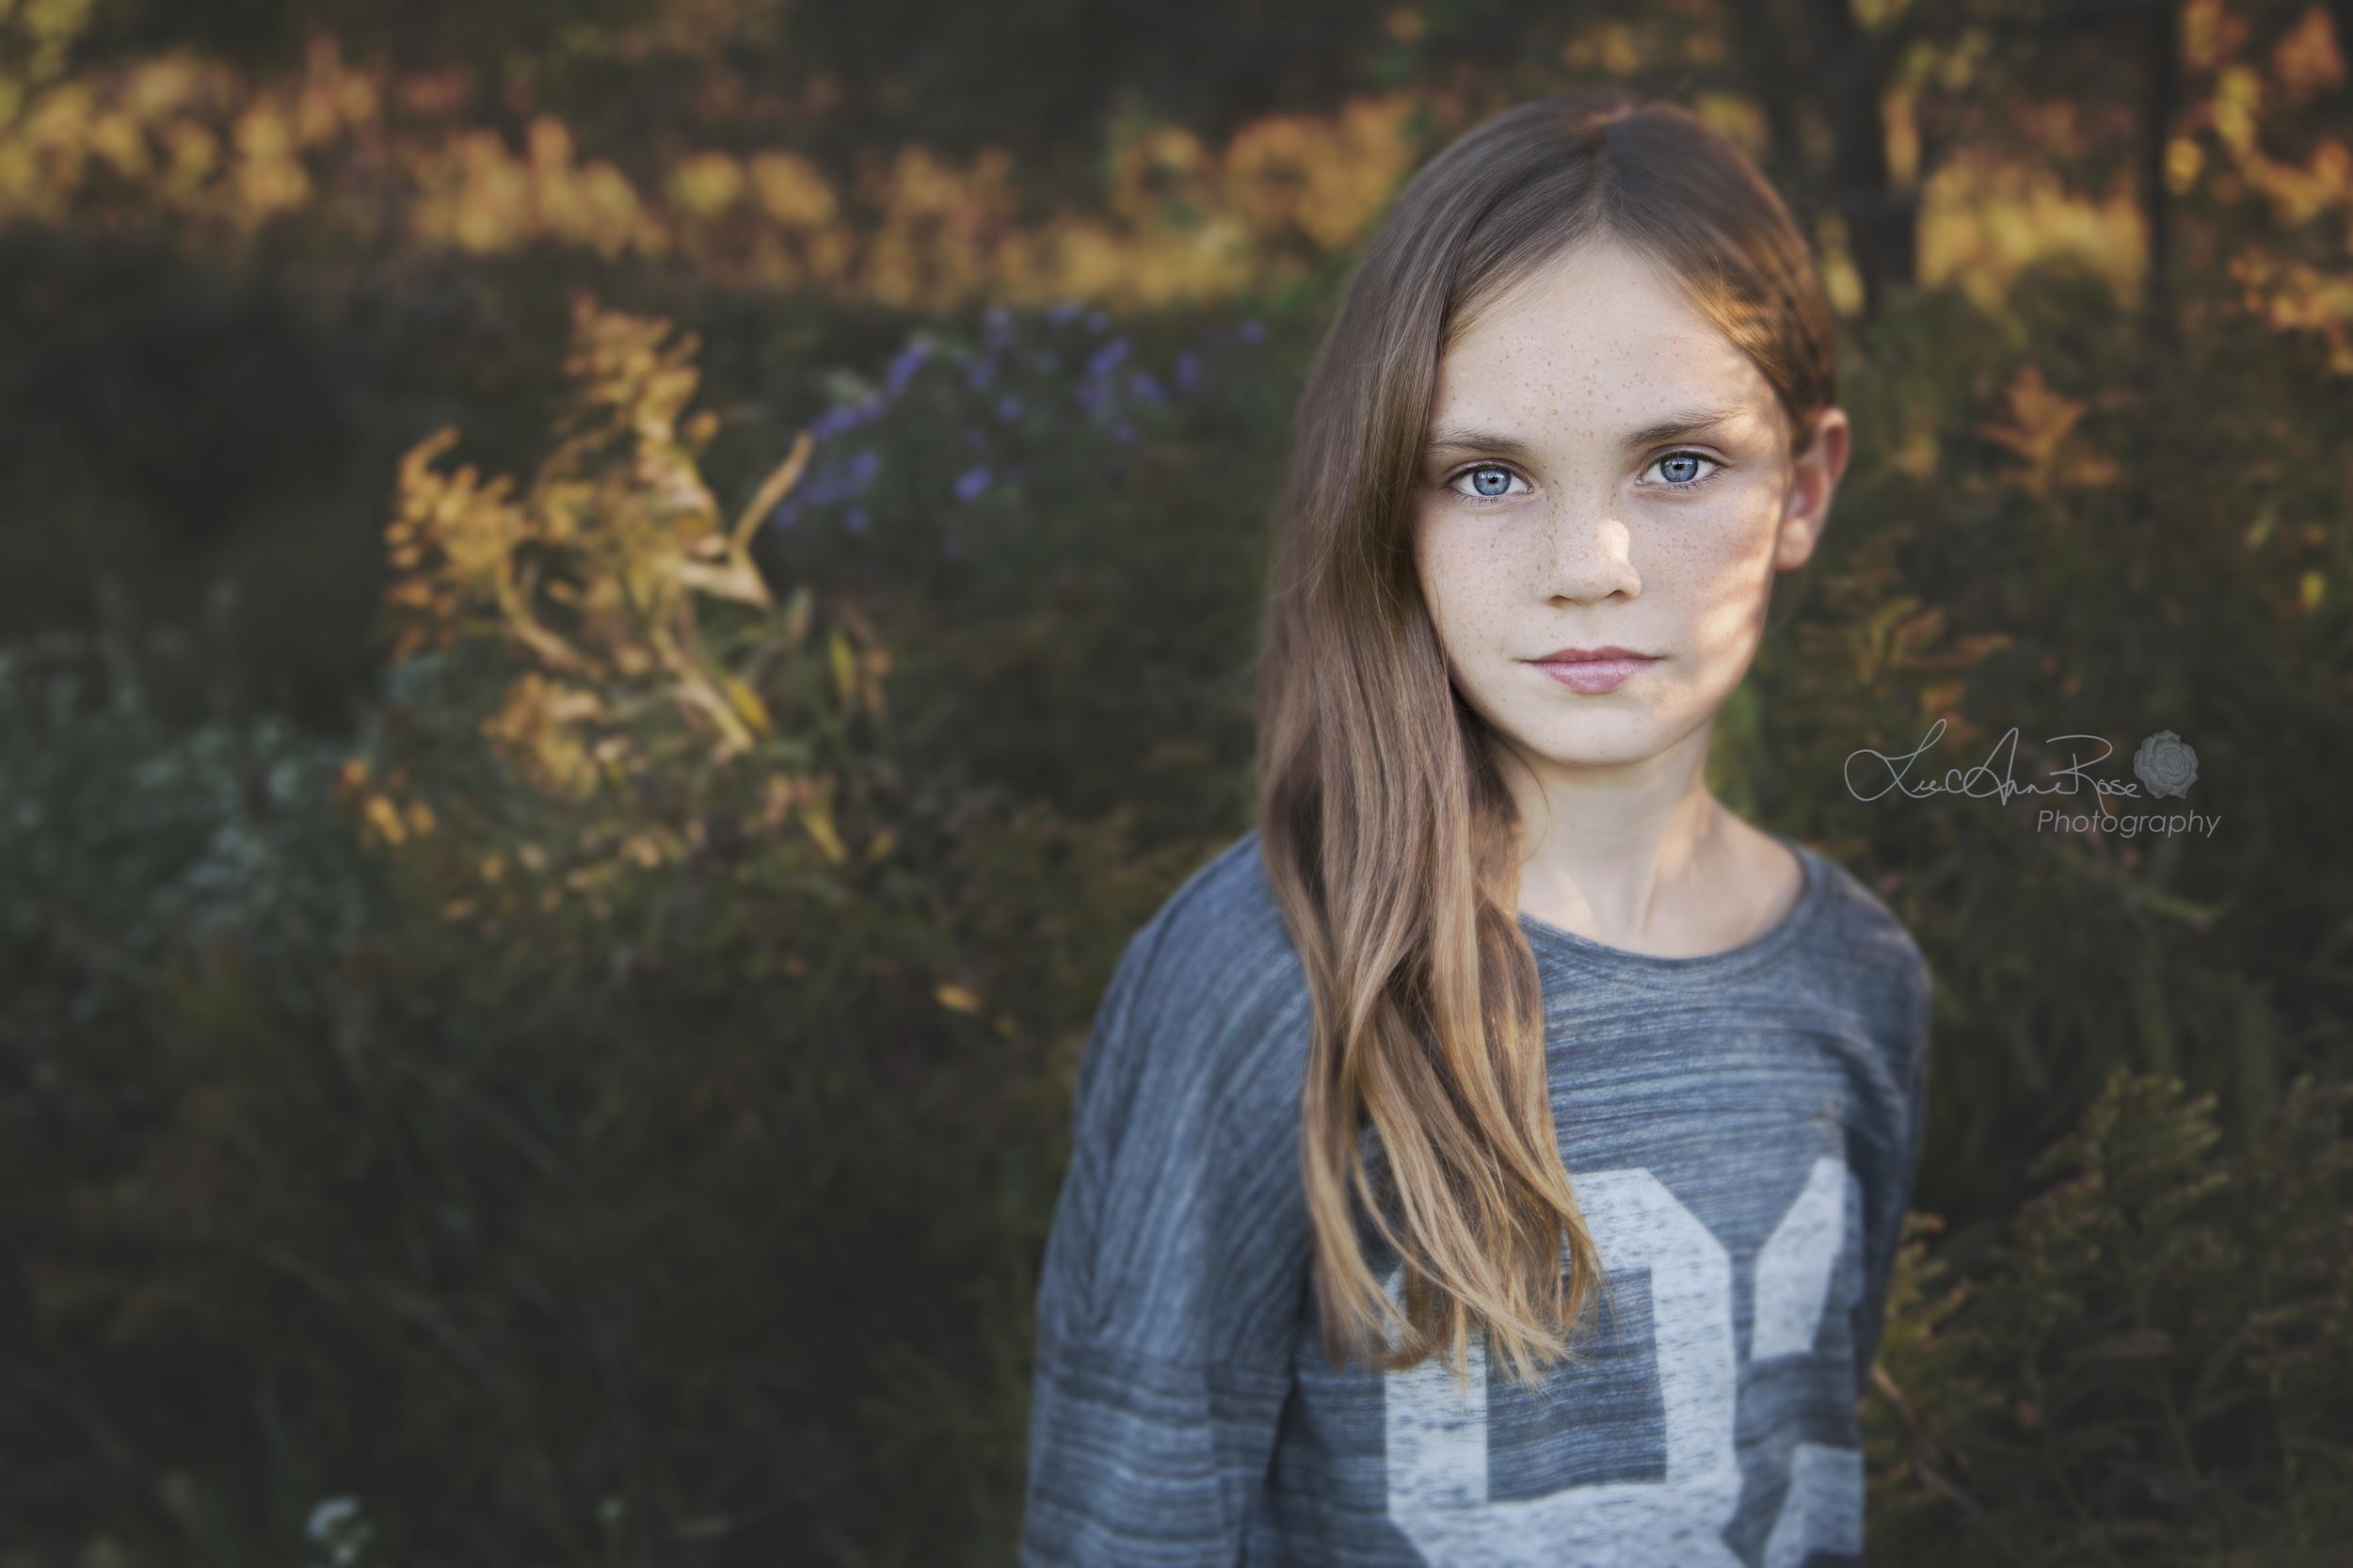 Shayla-0305-Edit.jpg